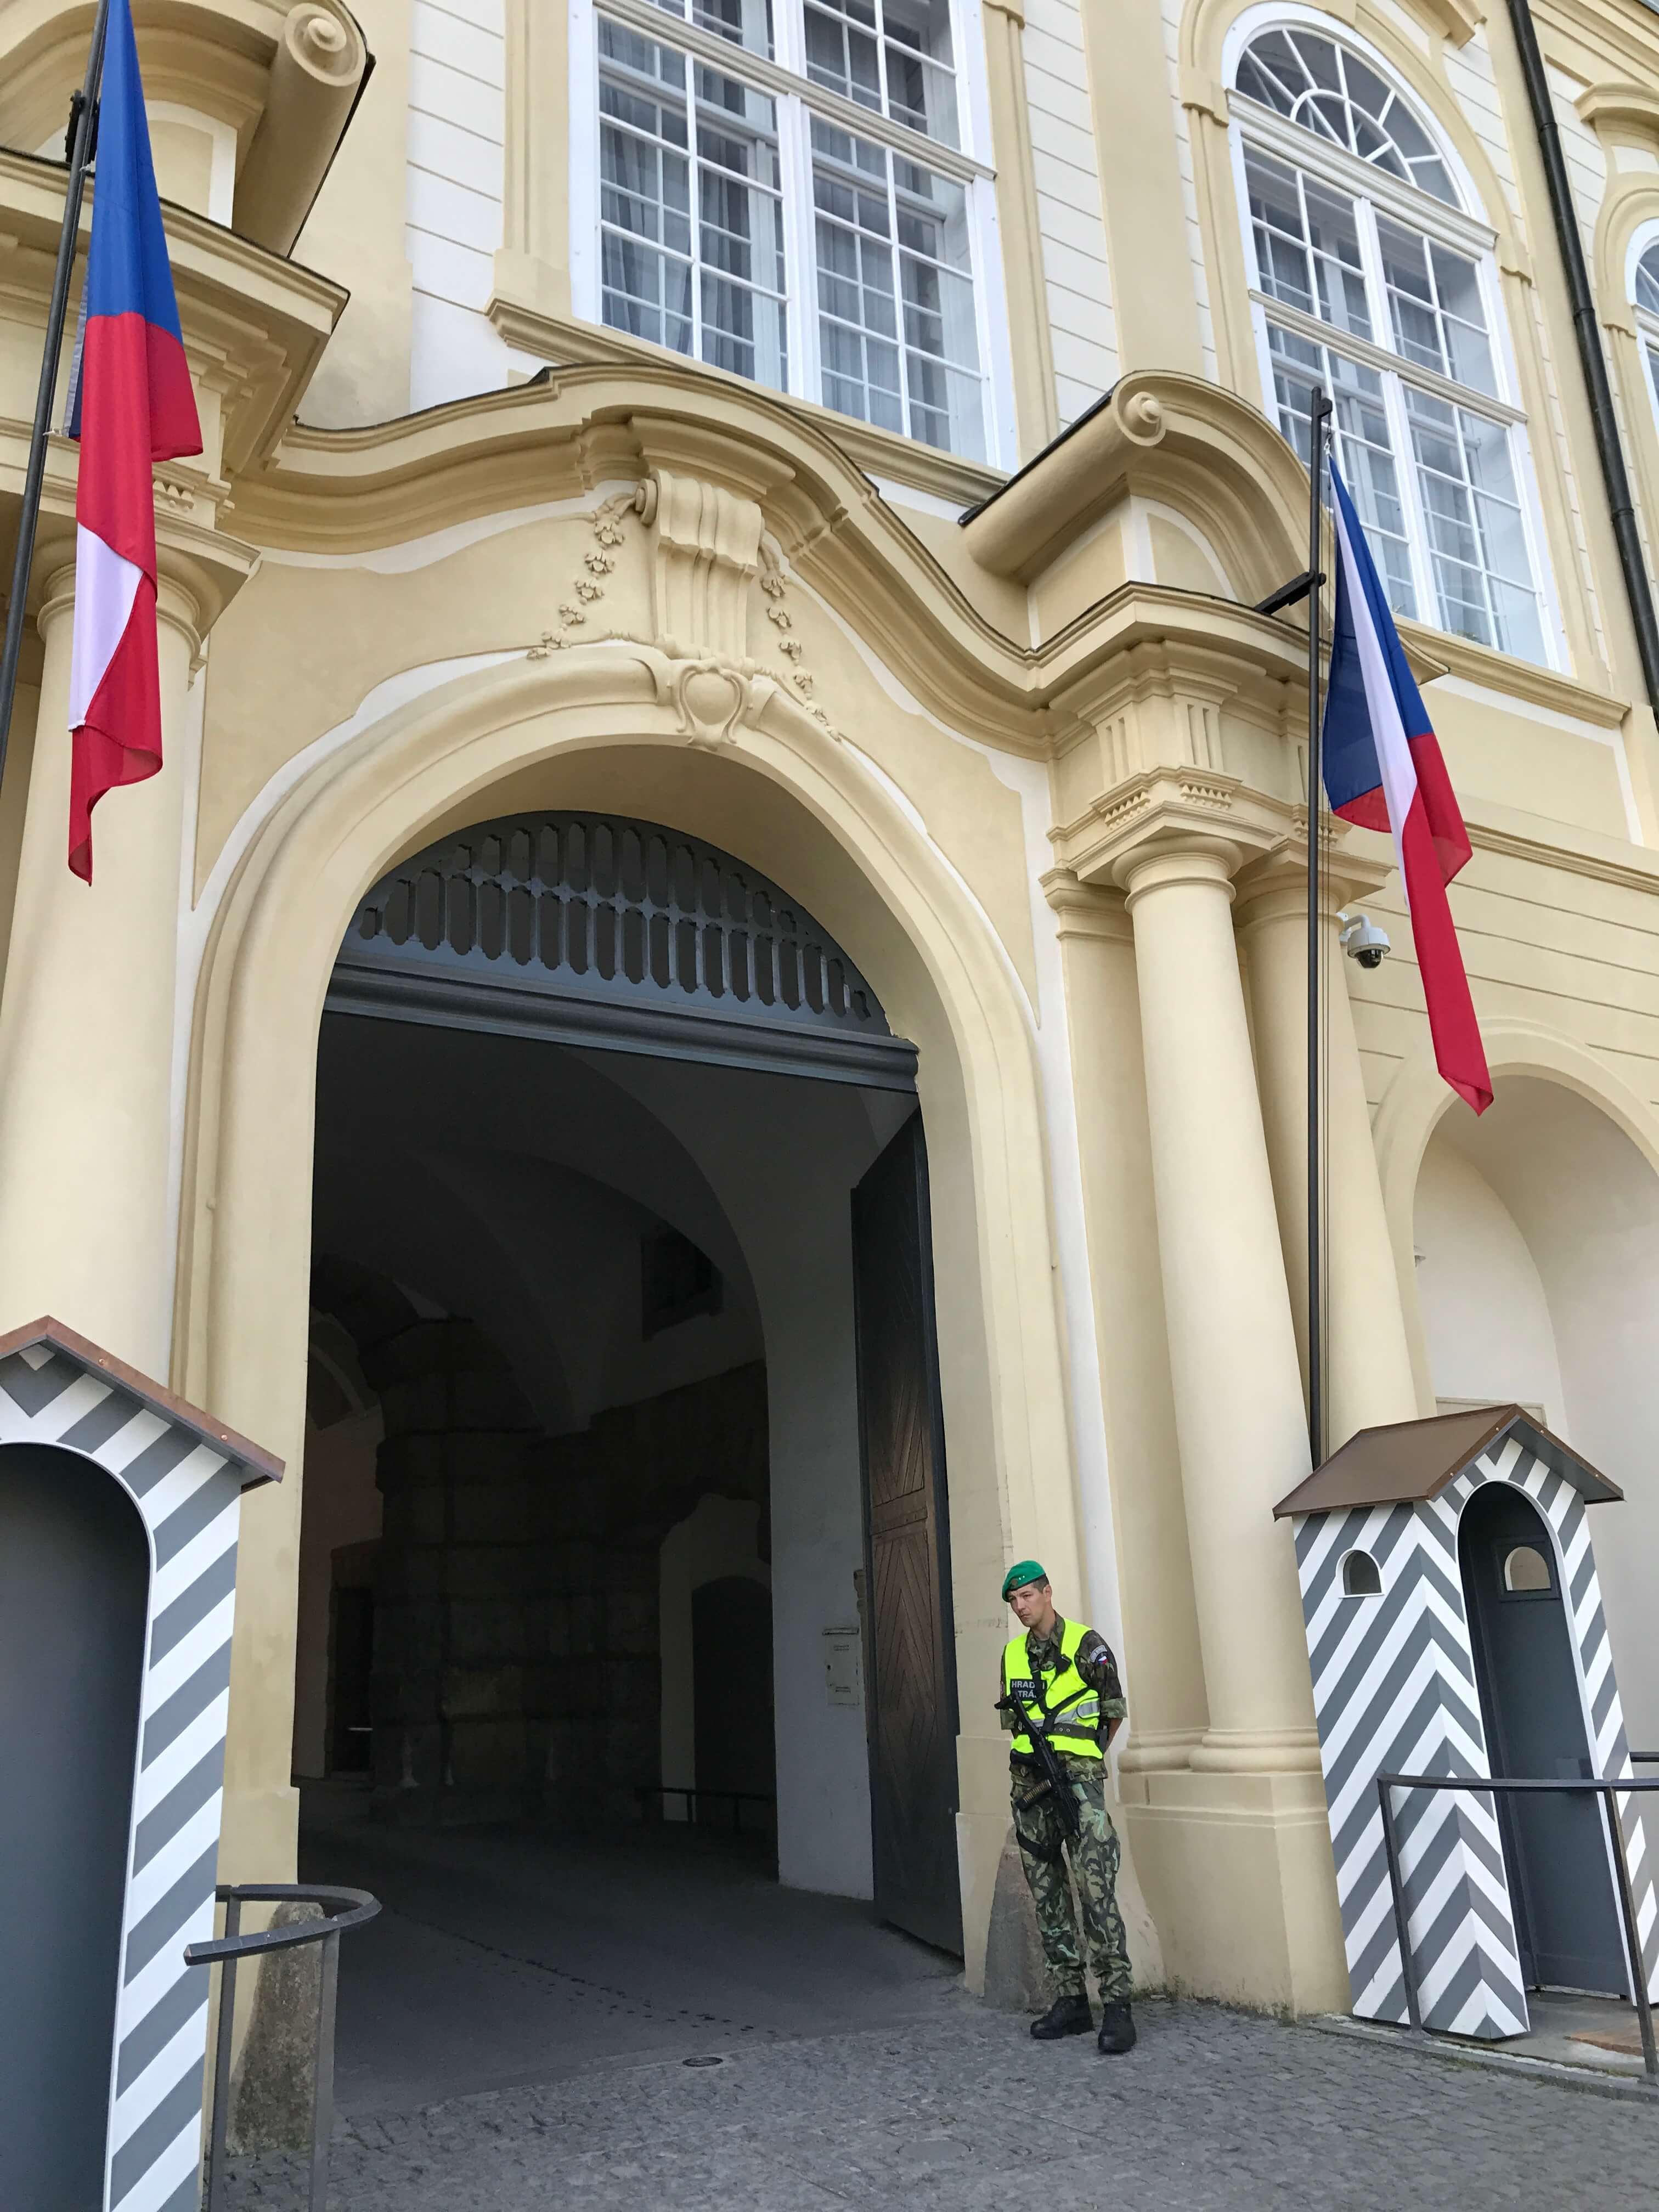 迫不及待從這個門入內欣賞壯麗的聖維特大教堂!Photographer / Penny